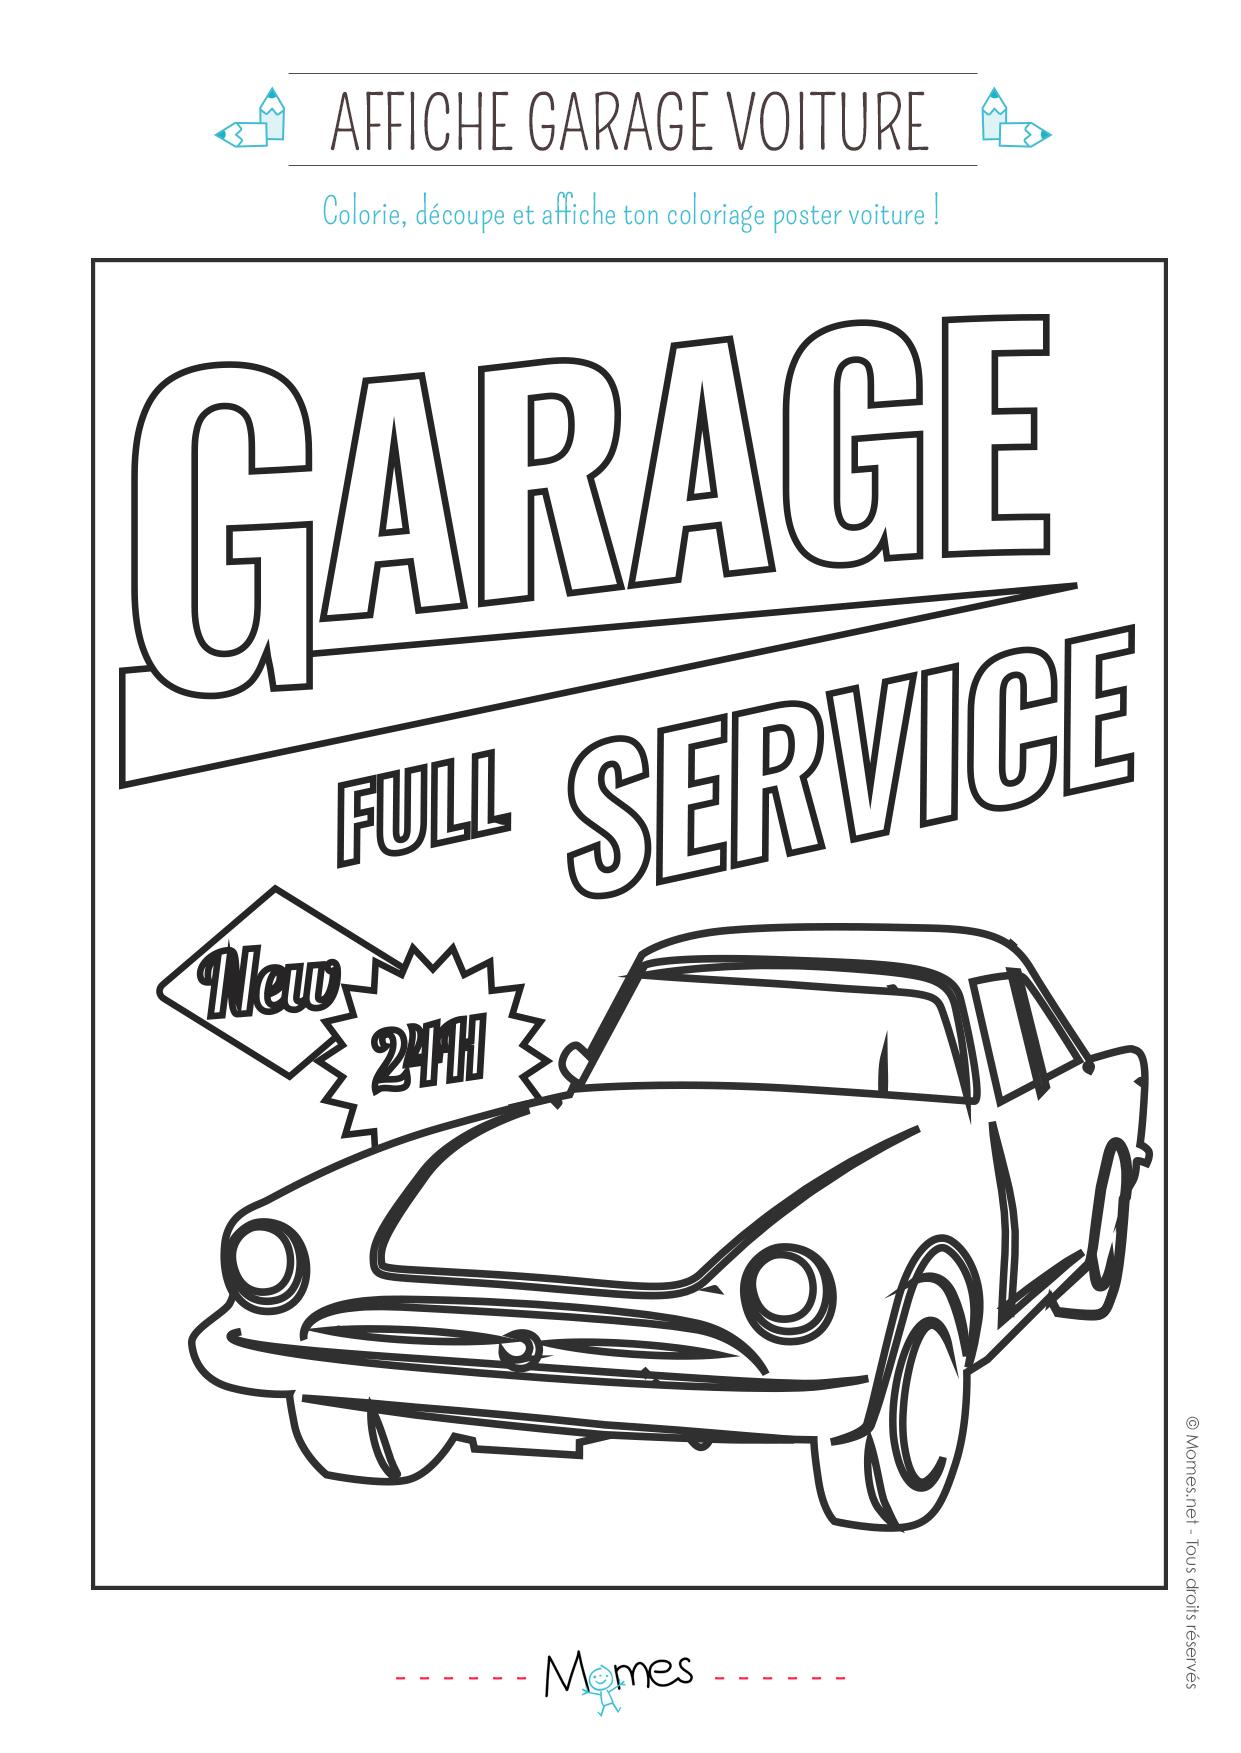 coloriage d'un garage service pour voiture - Momes.net